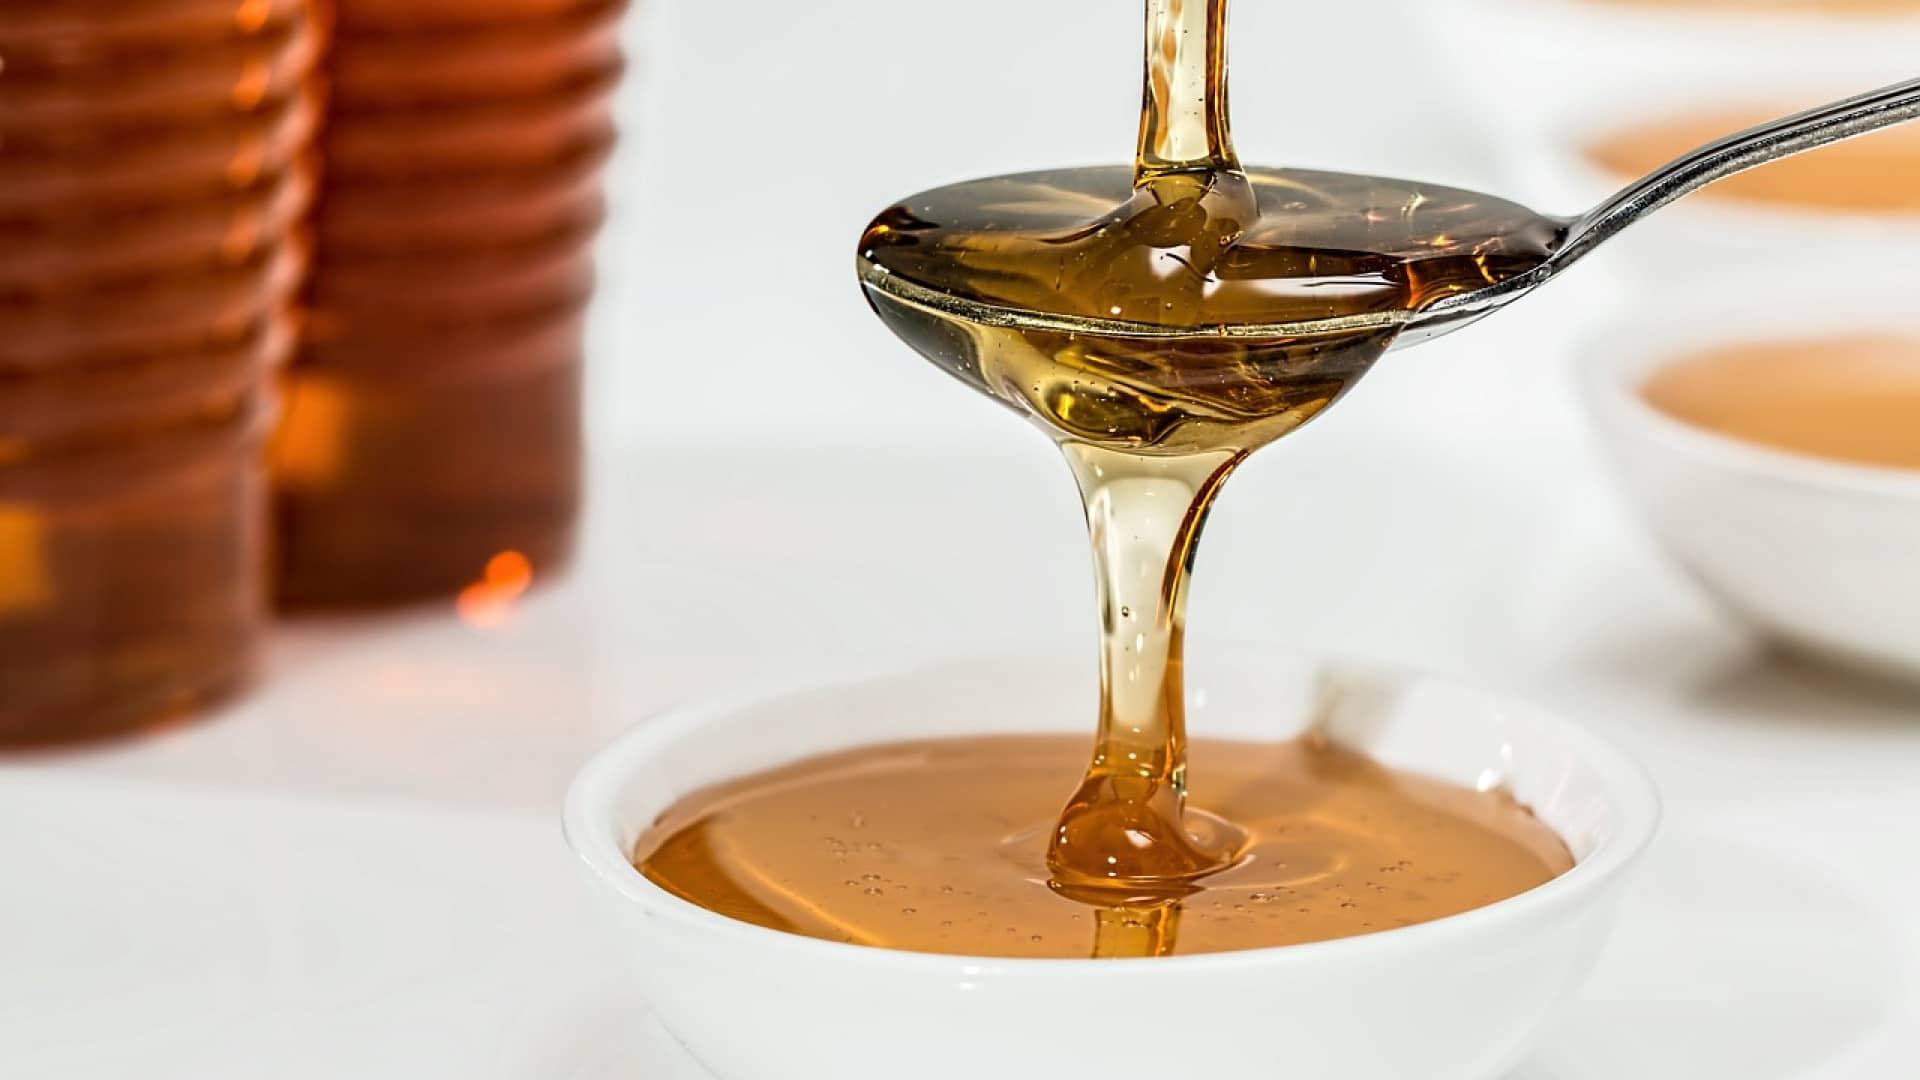 L'importance des abeilles dans la nature par le biais du miel